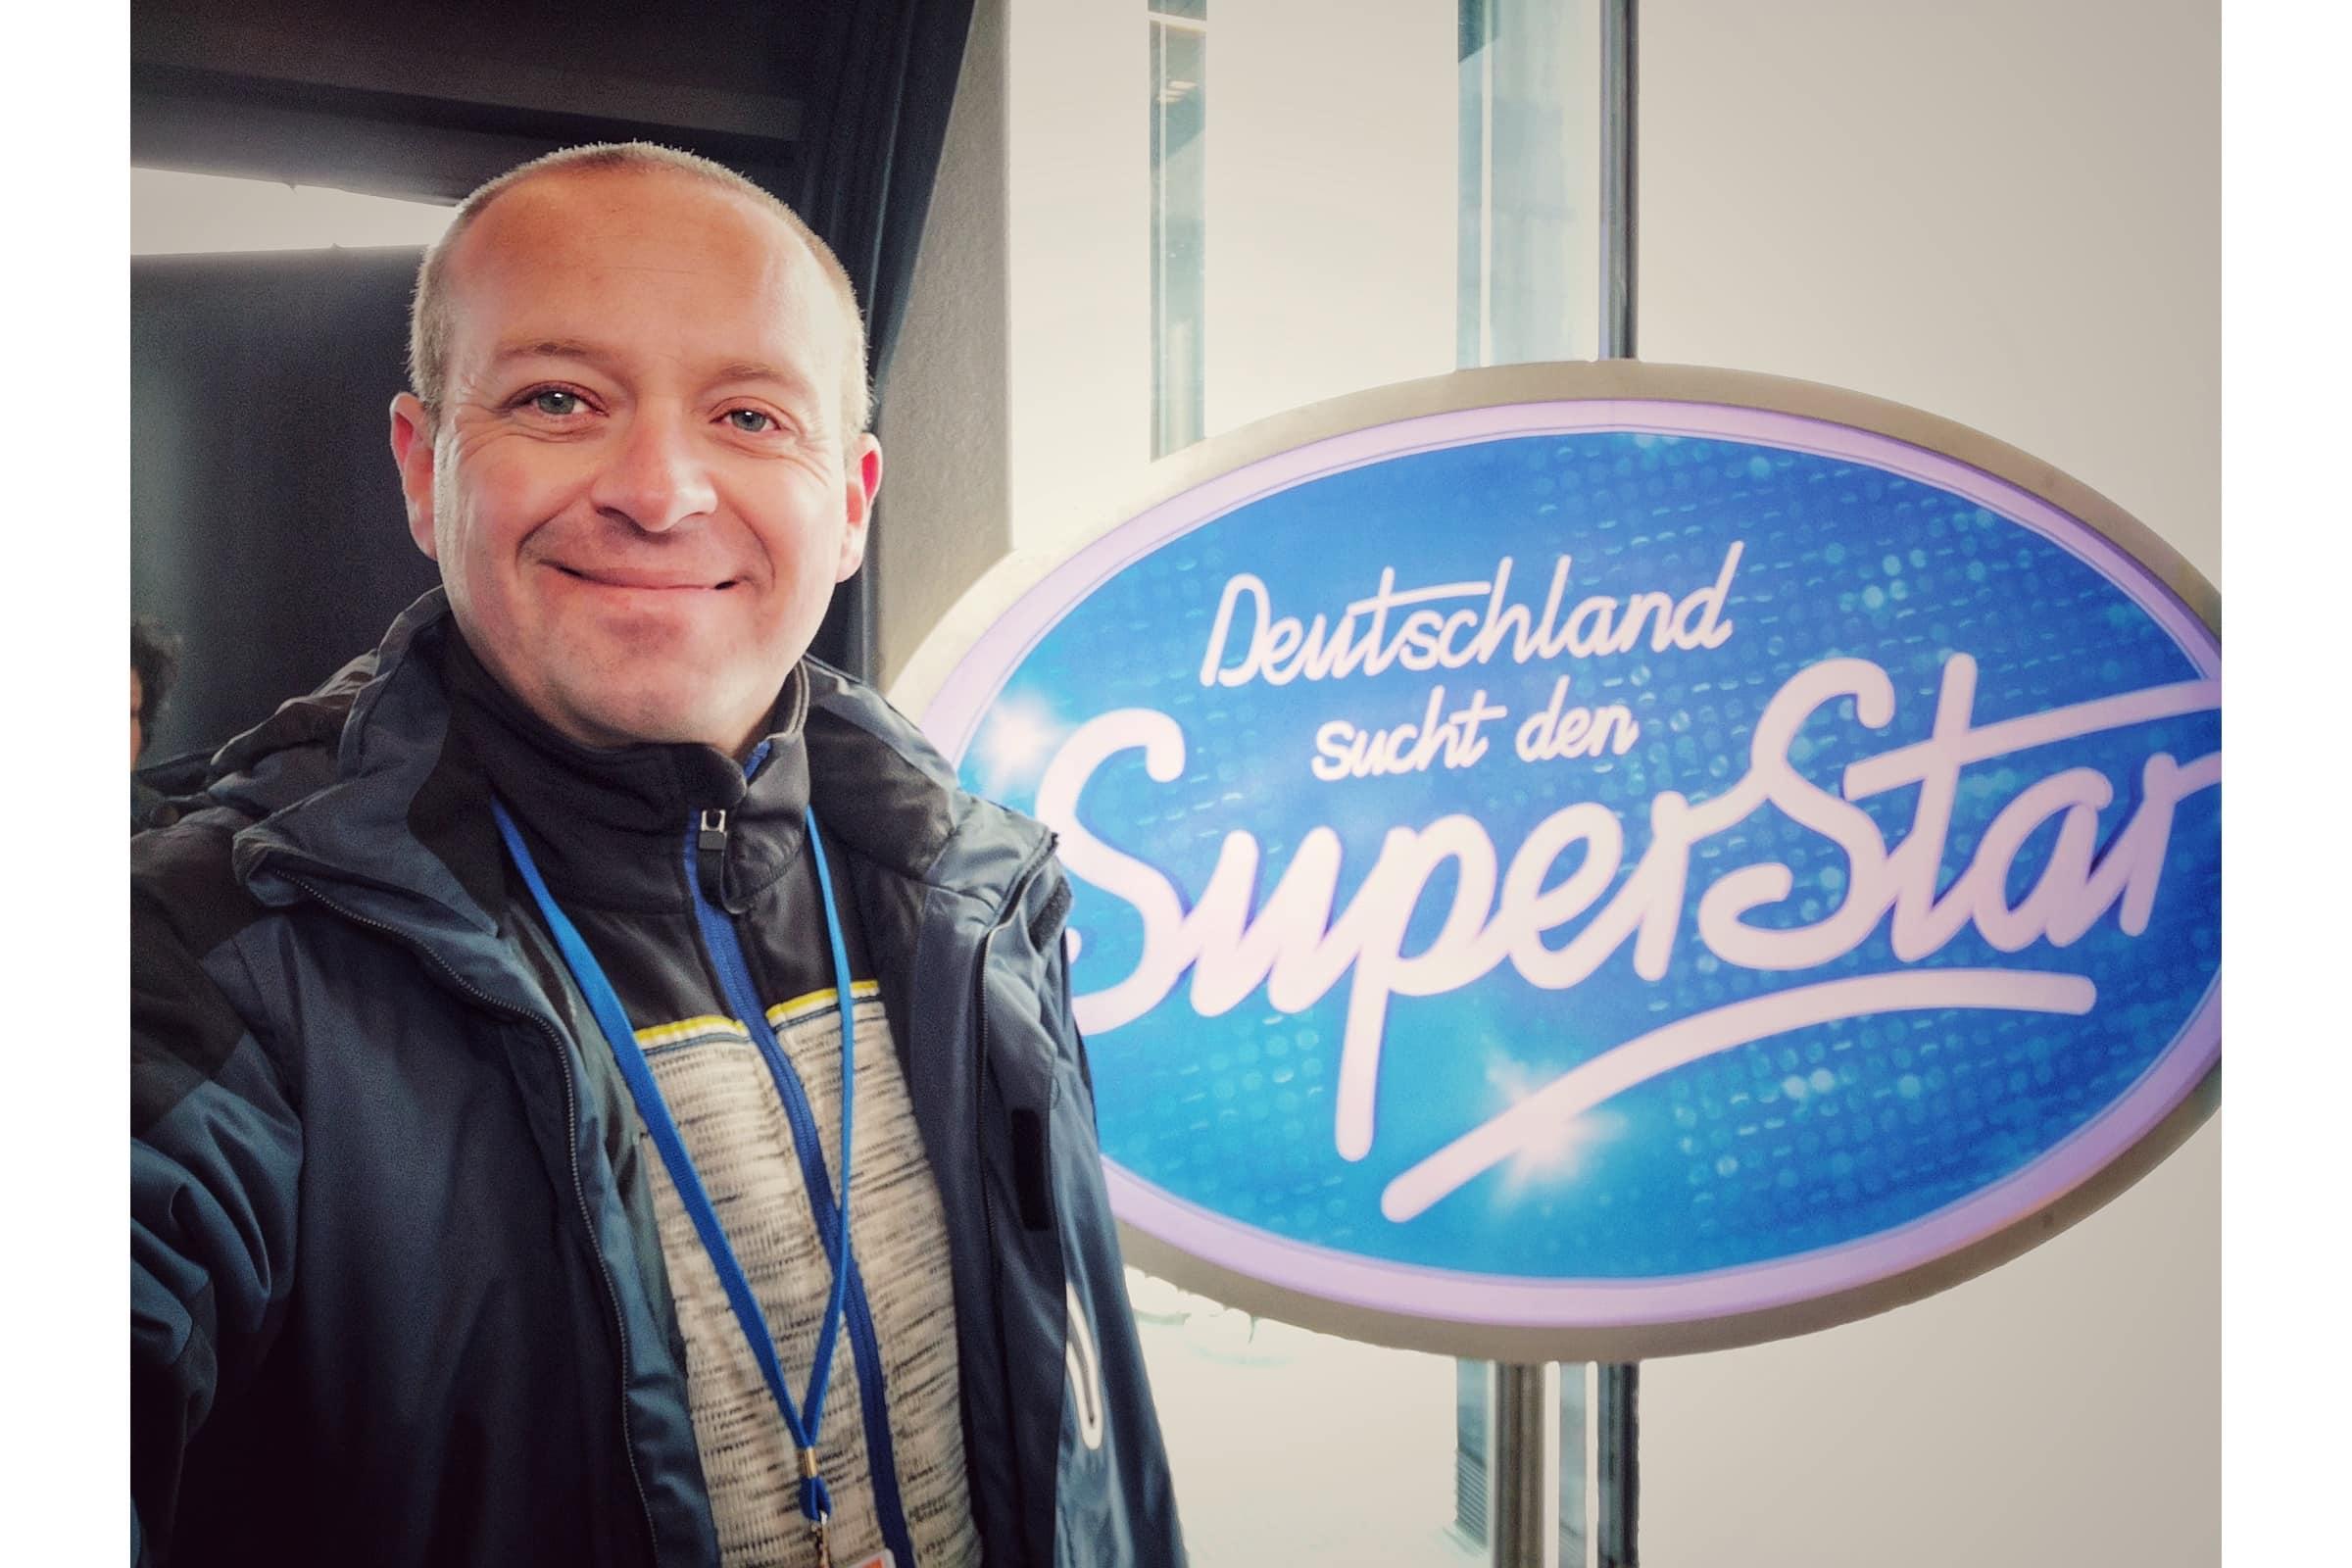 andreas felder kameramann dreharbeiten DSDS2020 RTL 03 07.10.2019 13 42 00 1 - RTL DSDS Deutschland sucht den Superstar 2020